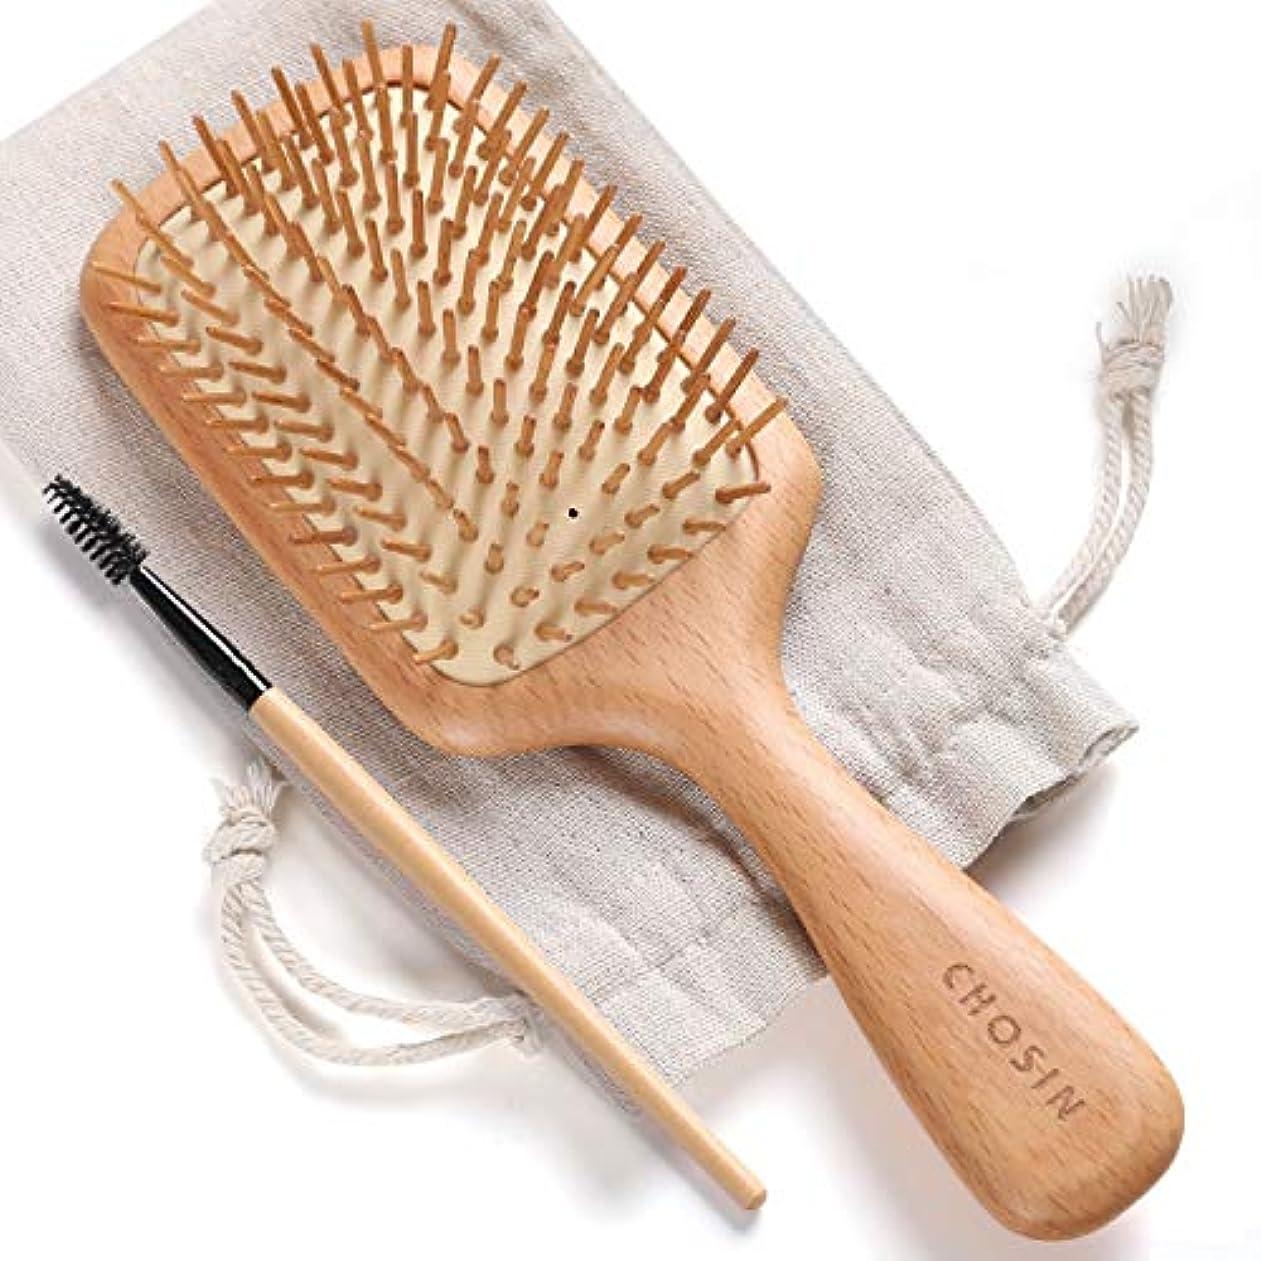 肖像画見捨てる無謀ヘアブラシ CHOSIN 頭皮マッサージ 木製櫛 髪をなめらかにする ヘアケア 静電気防止脱毛防止頭皮の圧迫軽減 男性と女性への適用